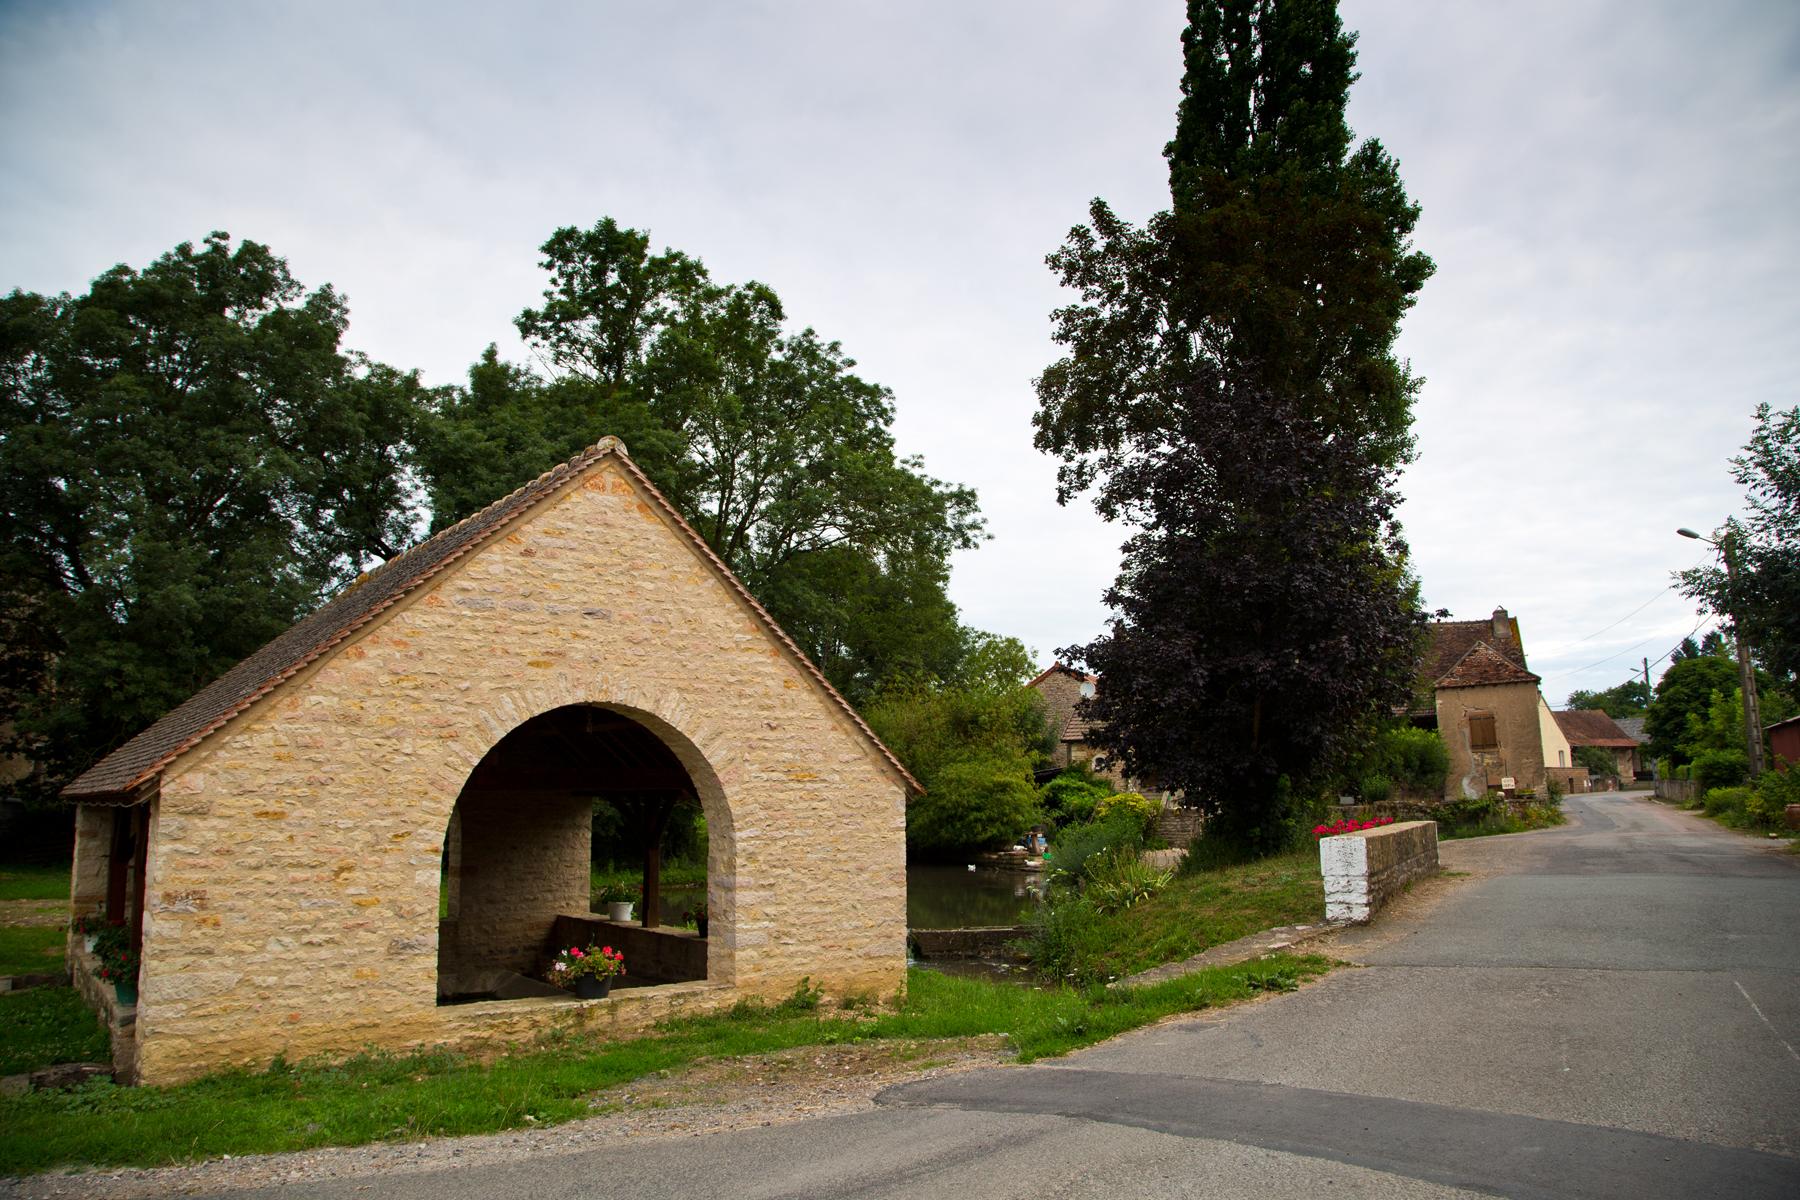 Wäschehaus, Savigny-sur-Grosne